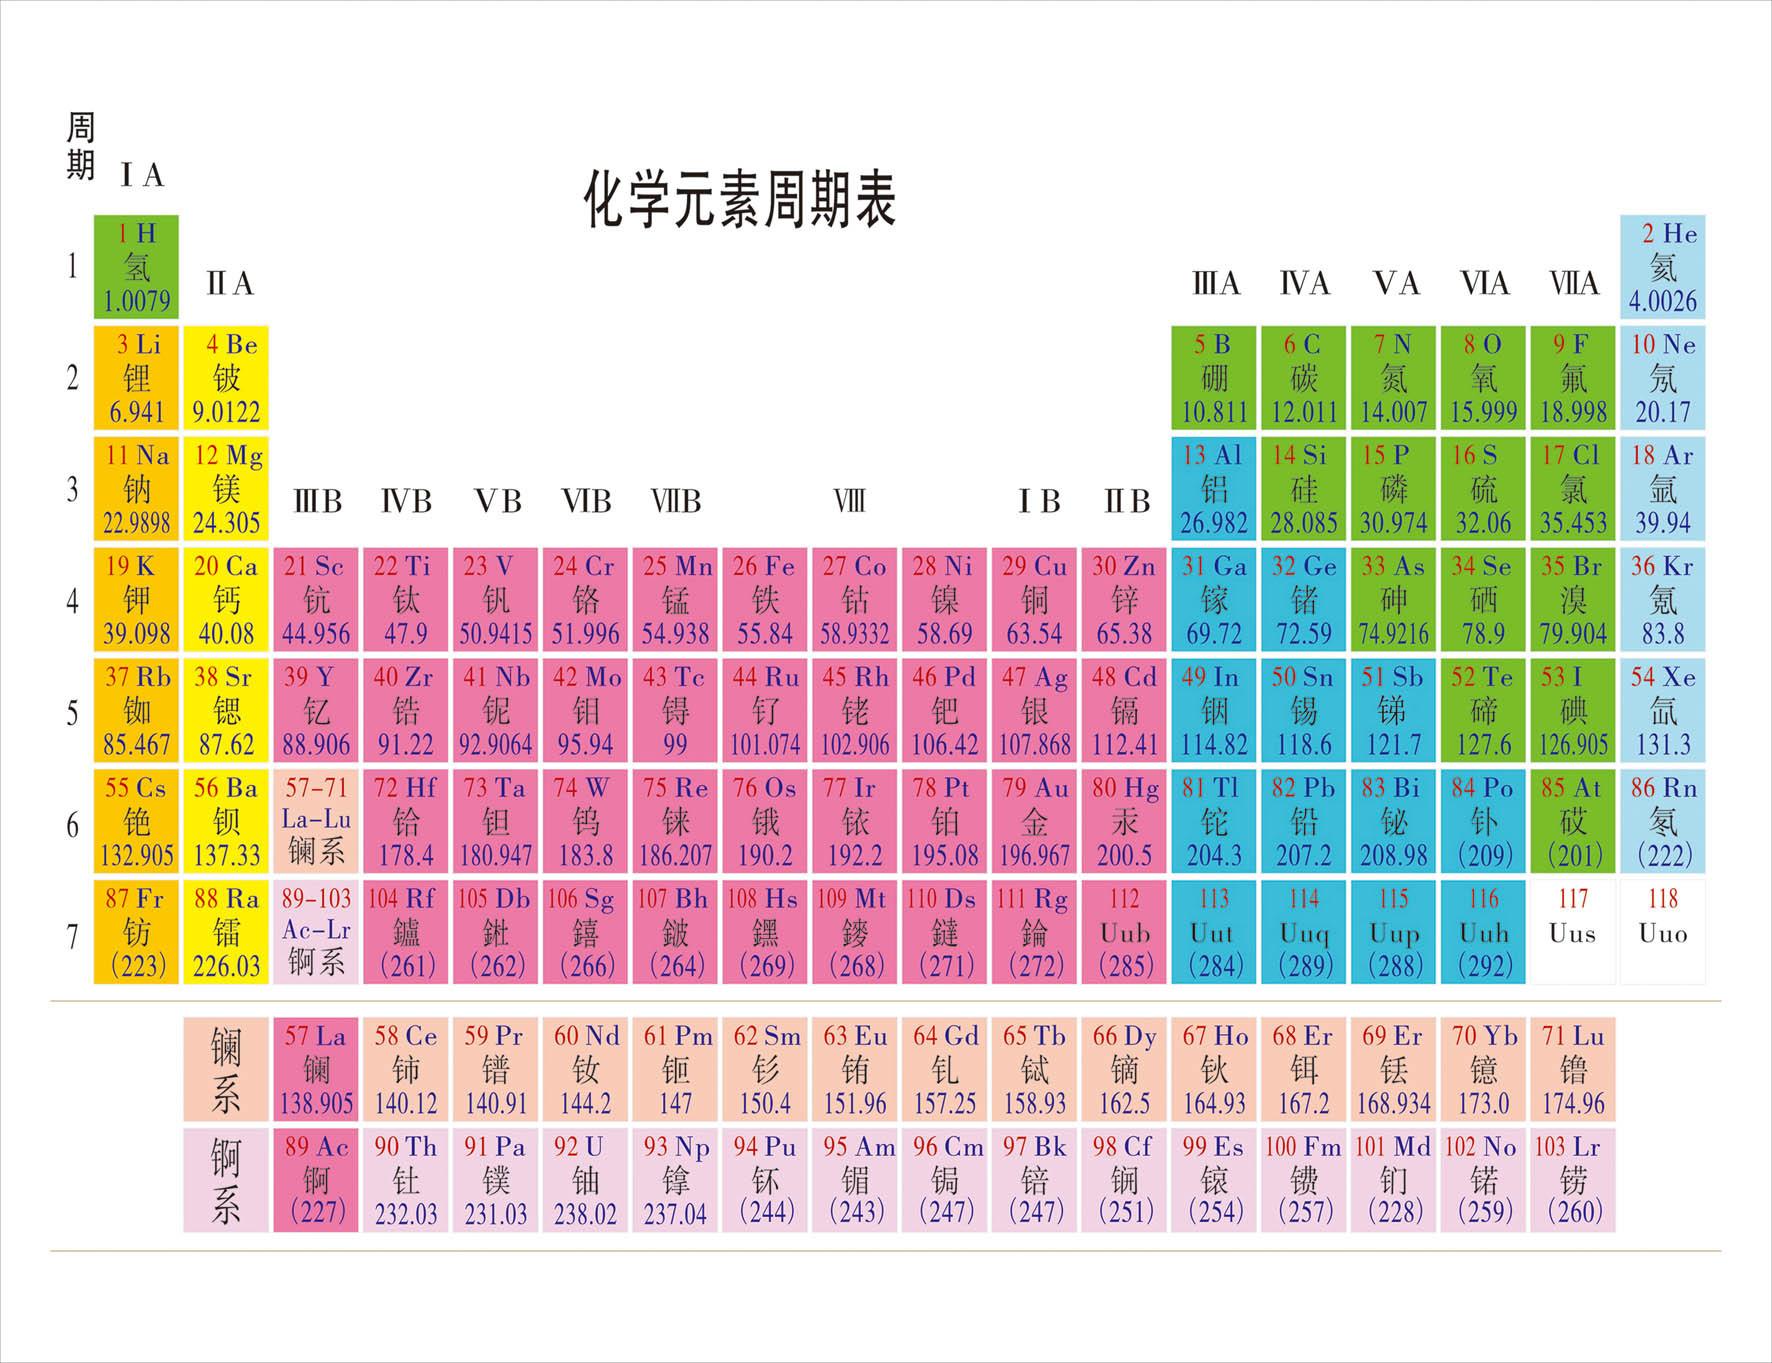 重庆育才中学化学教师冉曦表示,这份元素周期表顺口溜,读起来生动有趣,将元素的特点写了出来,便于理解记忆,但有些地方不够准确,且适用性不强。个别元素只写了部分性质,甚至有点以偏概全。例如,在我是硼,有点红,论起电子我很穷这句上,硼的颜色并非红色,而后面的特性描写也不够全面准确。而且在中学阶段,学生并不需要将40种化学元素全部背下来,这份顺口溜涵盖的元素内容也有些超纲,高考时则主要考察有关化合物的知识。冉老师建议,刚刚接触化学的学生,或者不喜欢化学科目的同学,可以读读这份顺口溜以提升学习兴趣。 重庆市教科